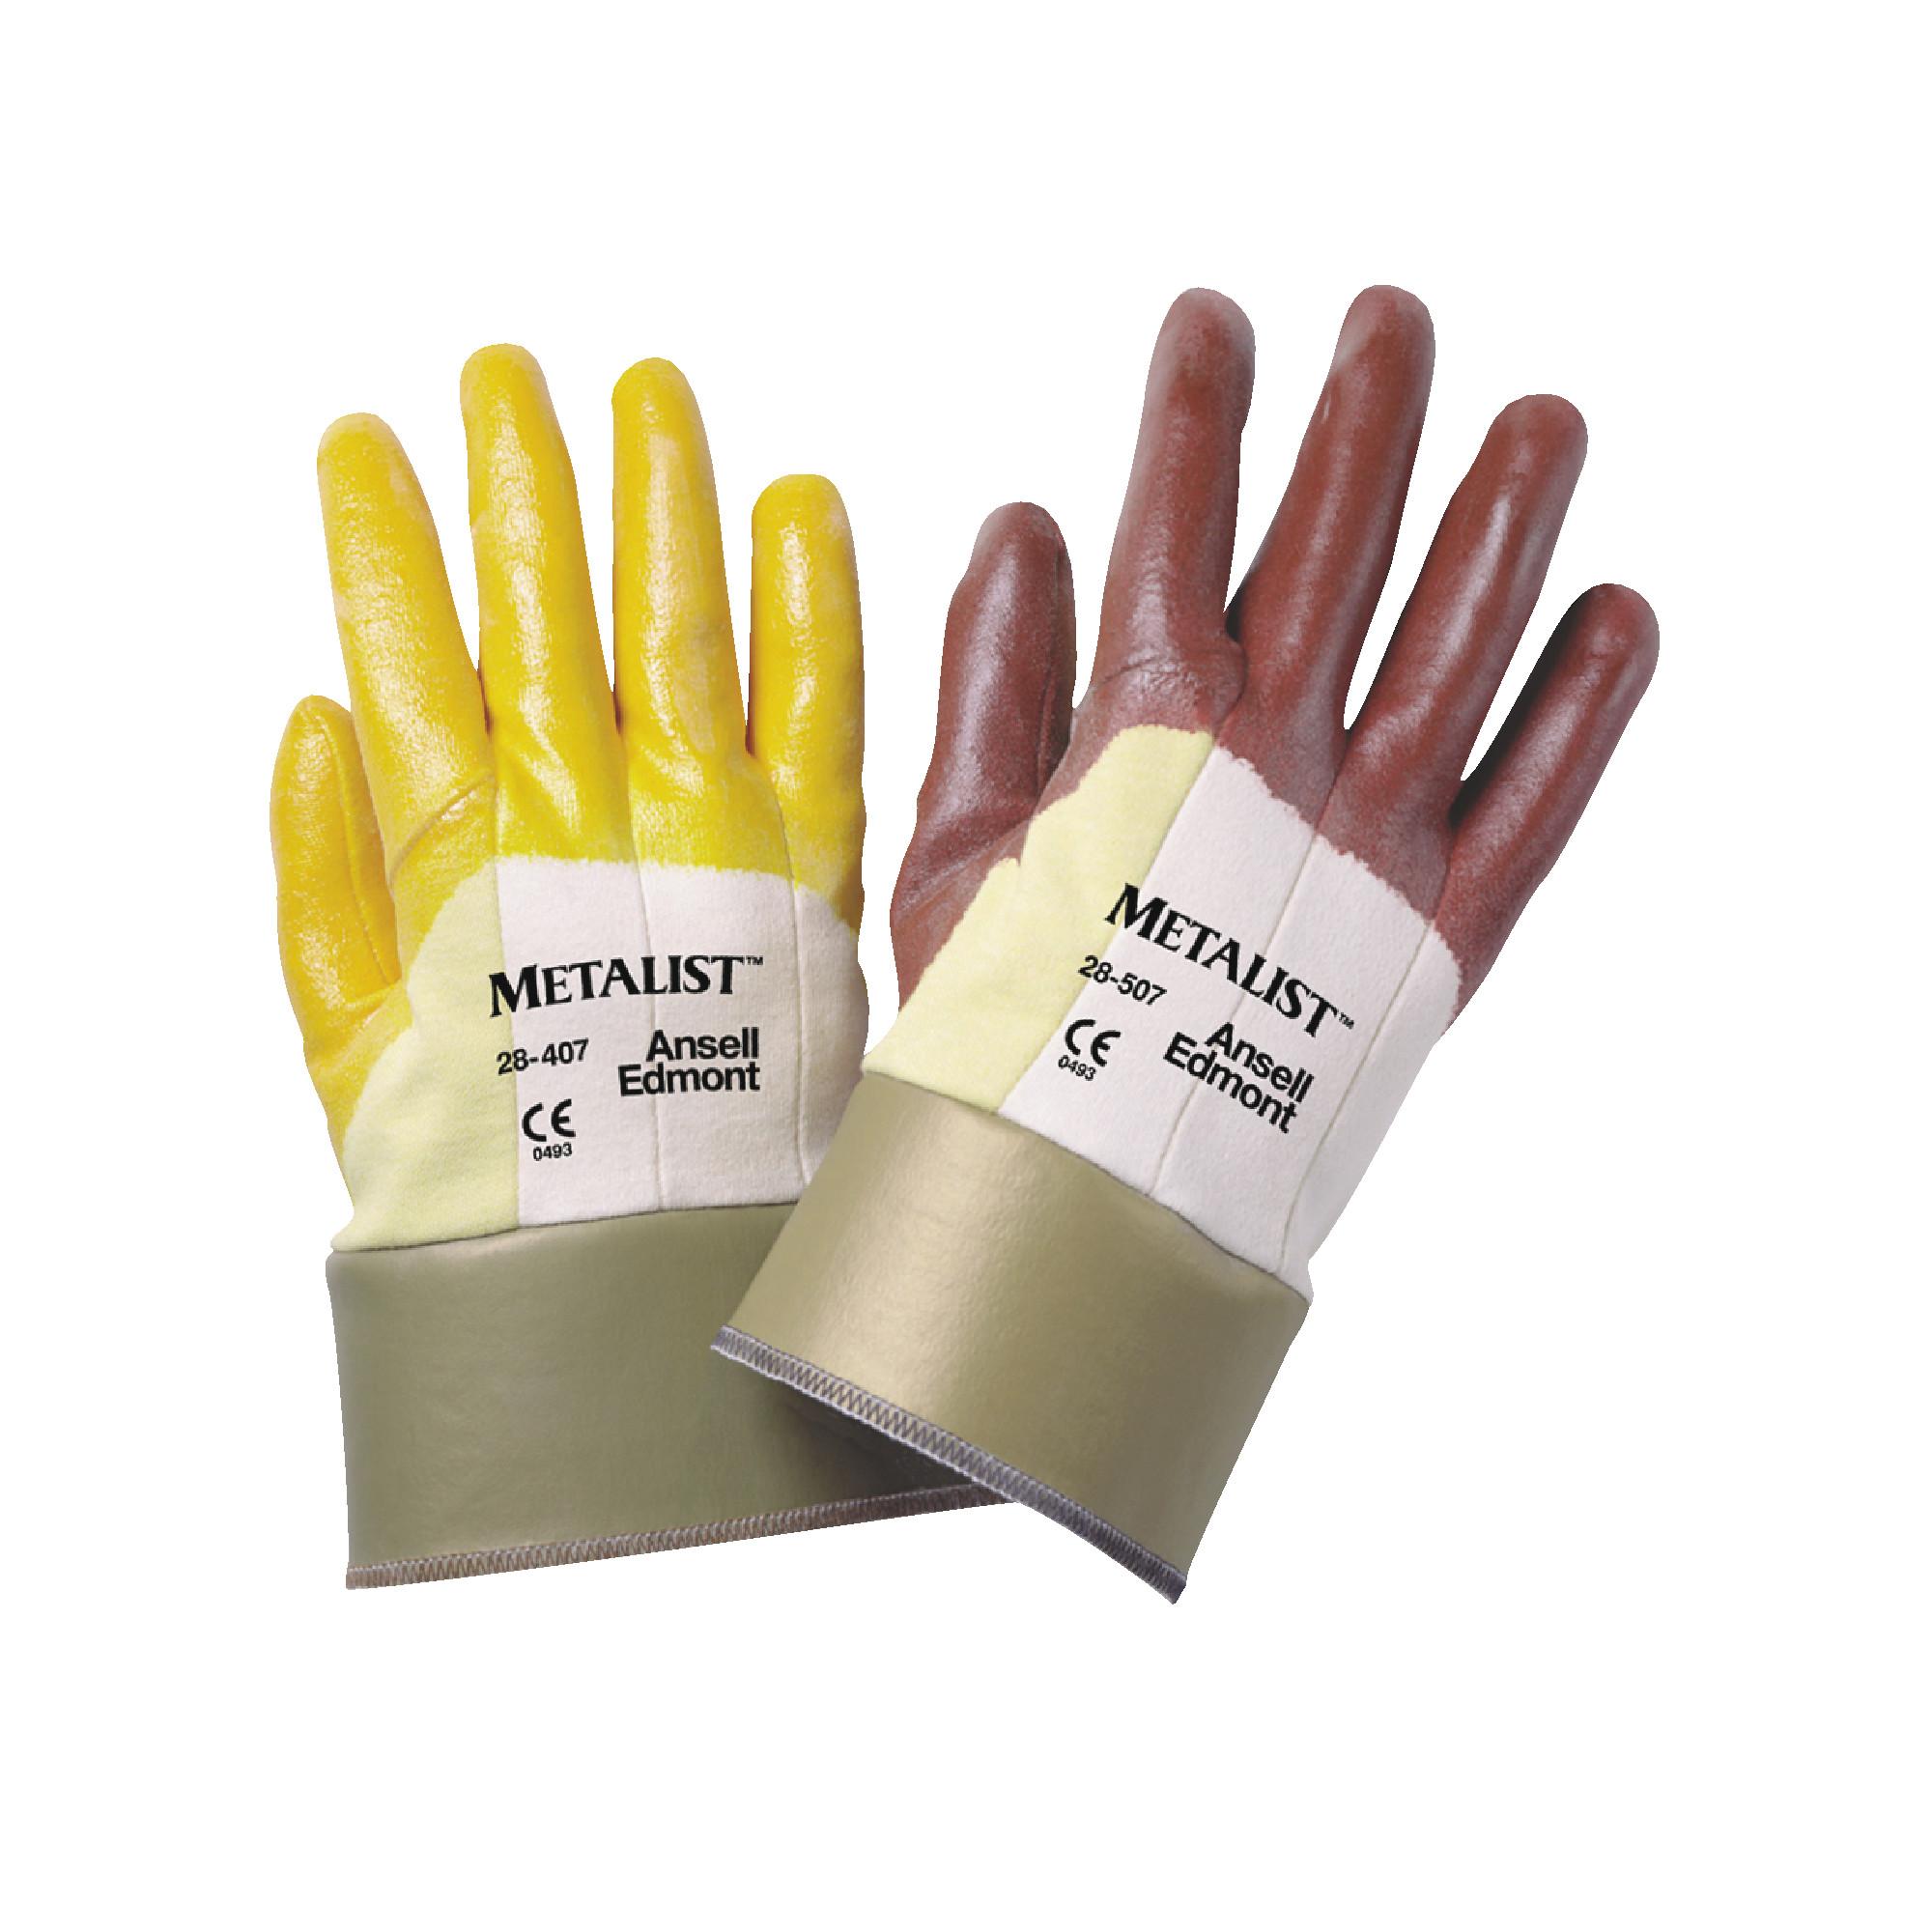 Metalist™ Cut-Resistant Gloves